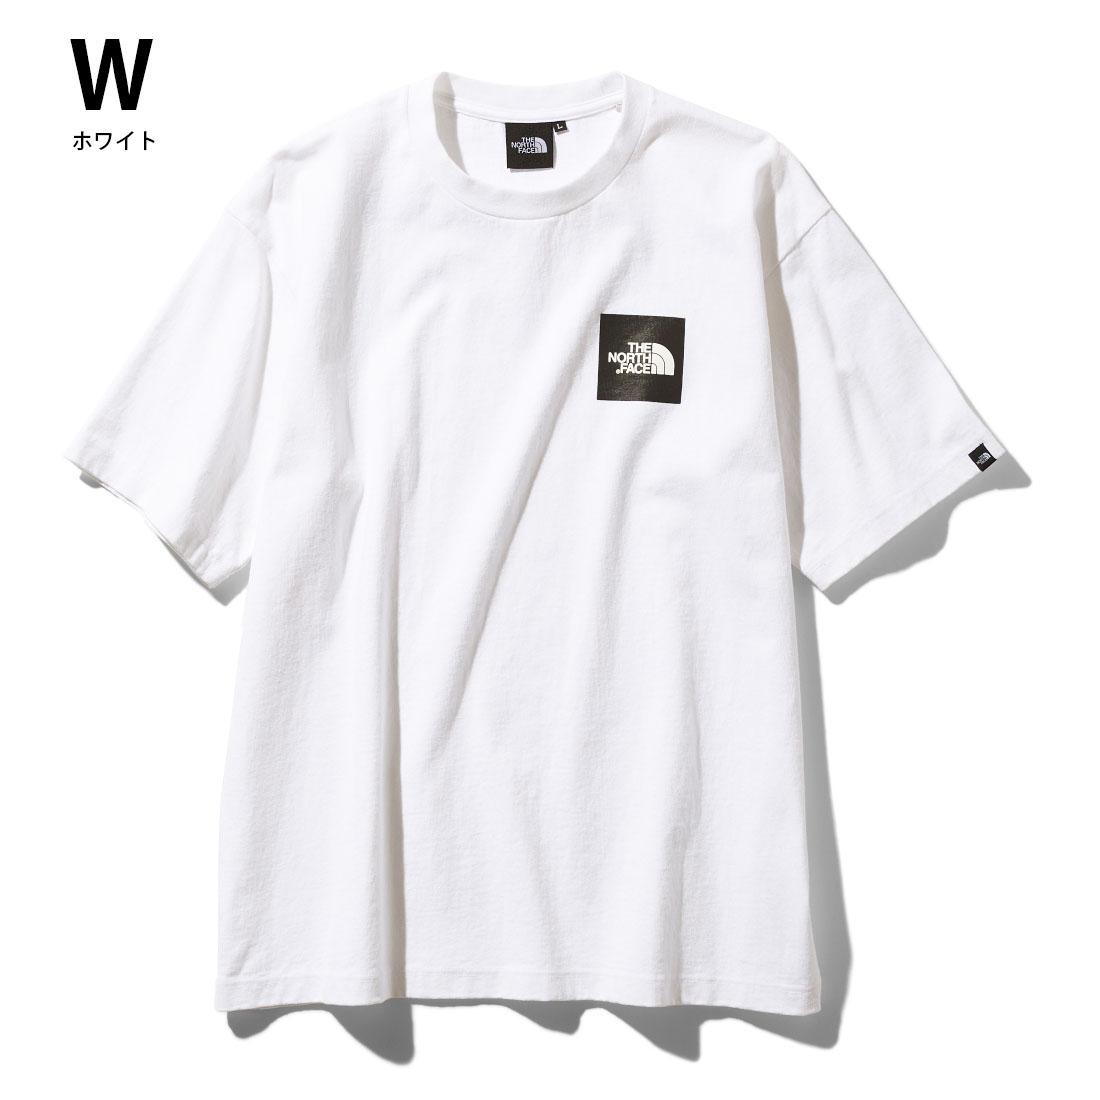 ノースフェイス THE NORTH FACE 【送料無料】○新作○S/S Square Logo Tee(M L XL)半袖Tシャツ【メール便可】